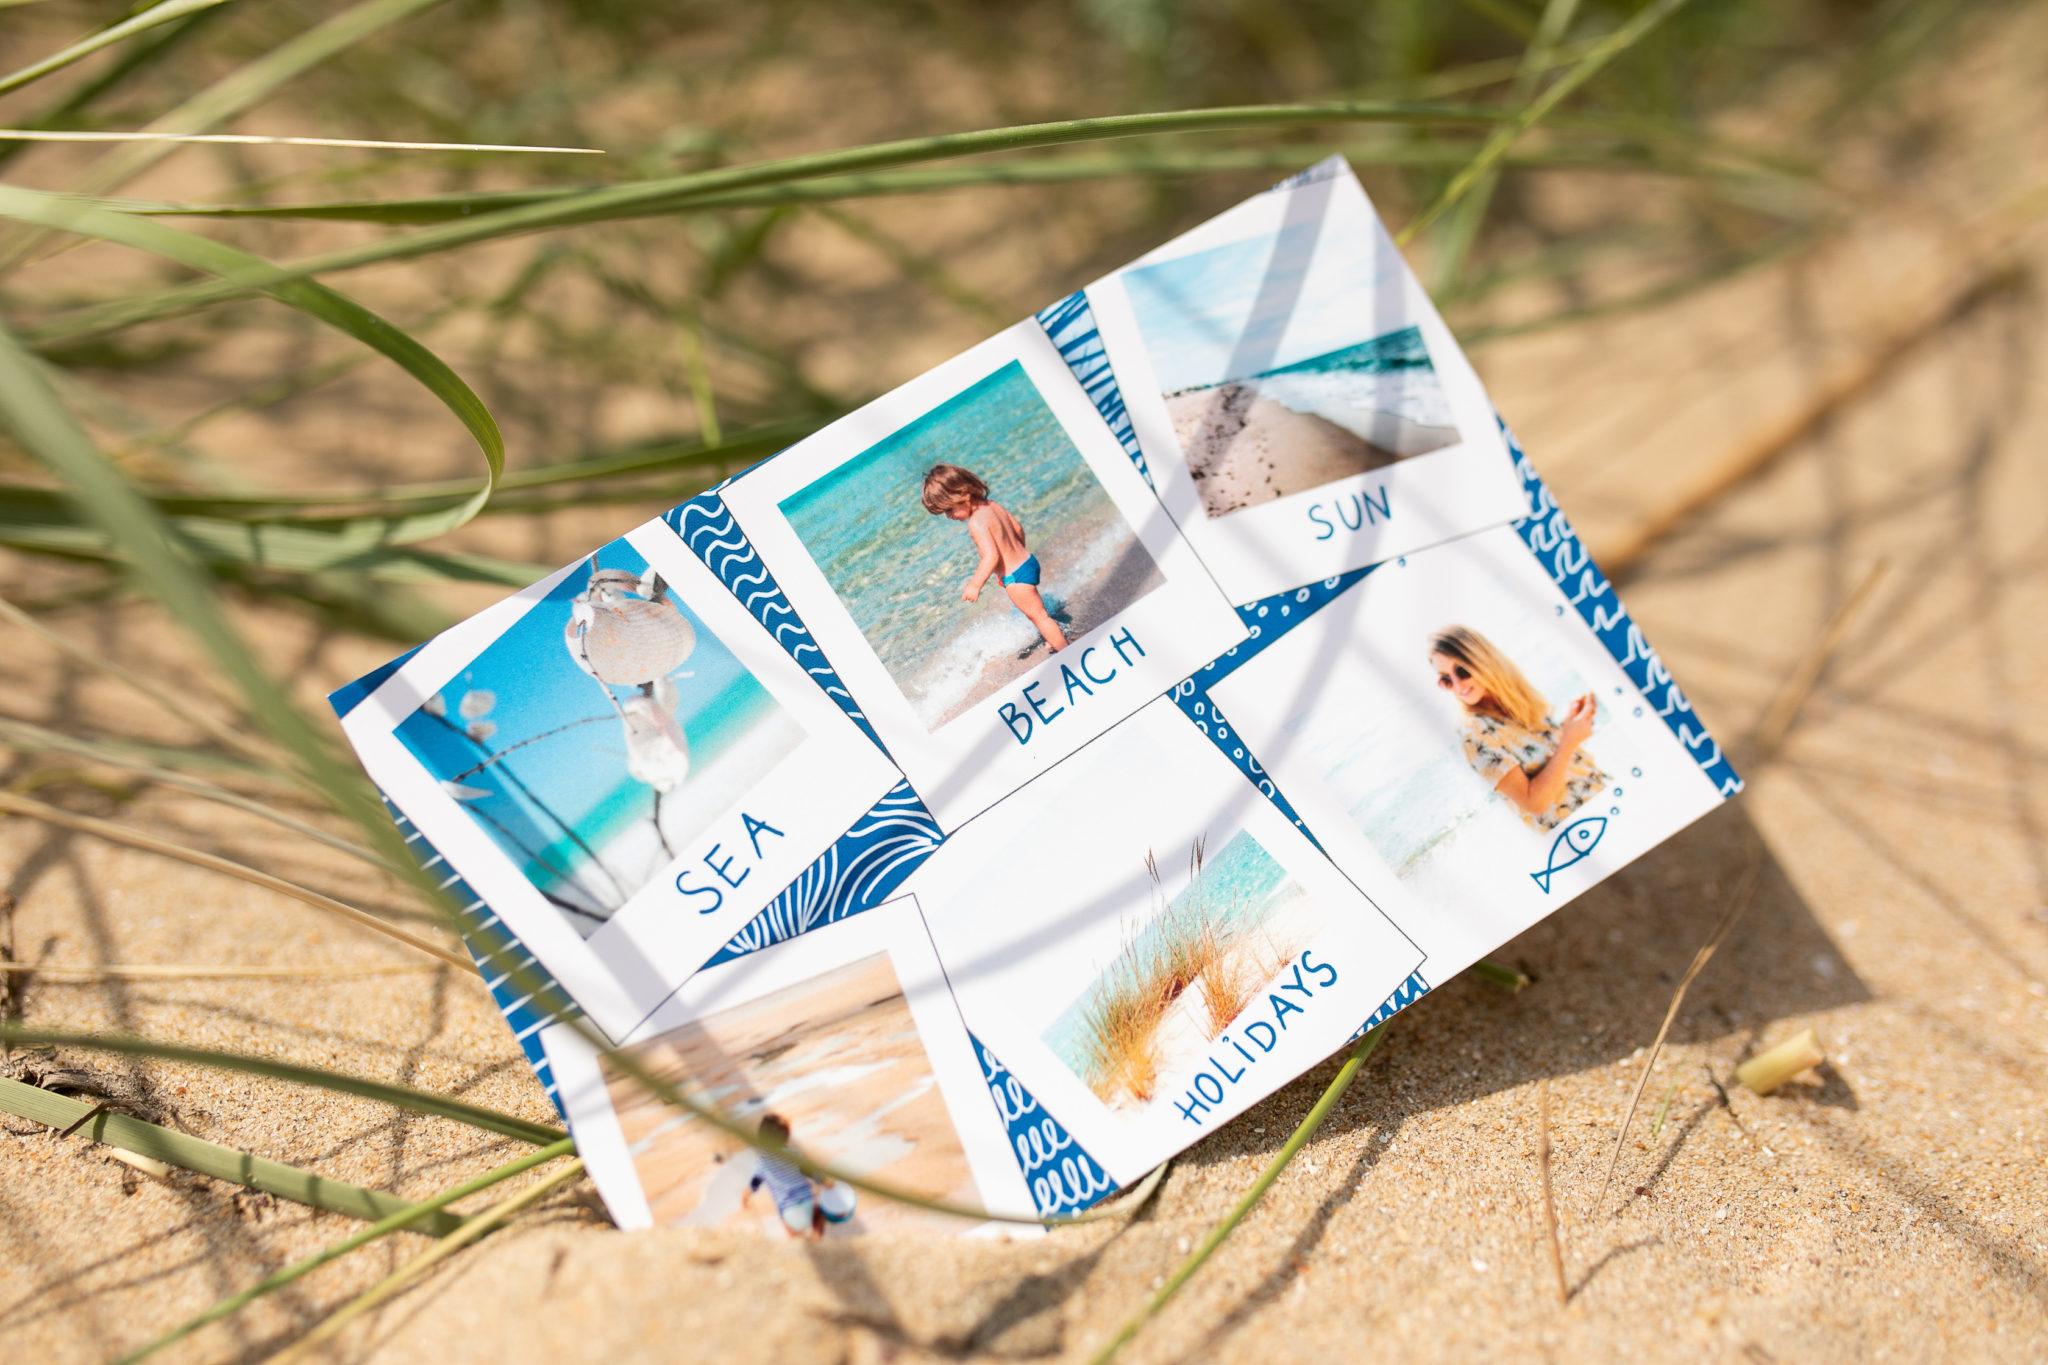 carte postale vacances a la mer et texte posee sur le sable